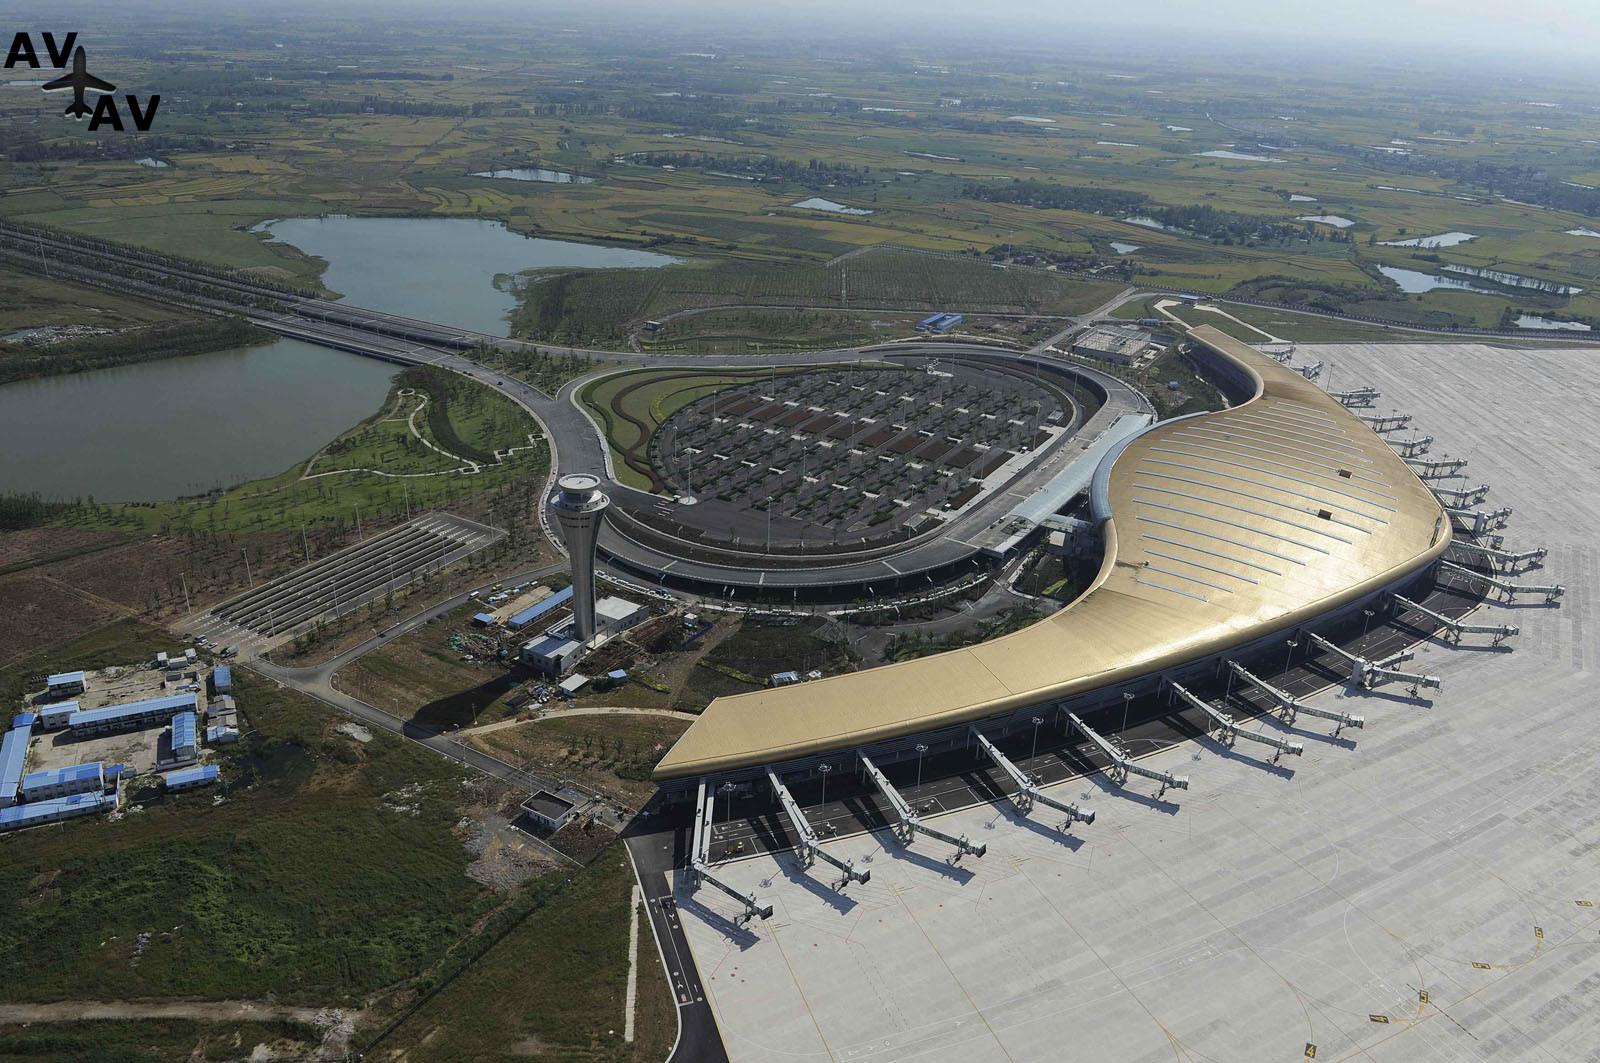 aeroport6 - Малая авиация в Китае: заказ самолета